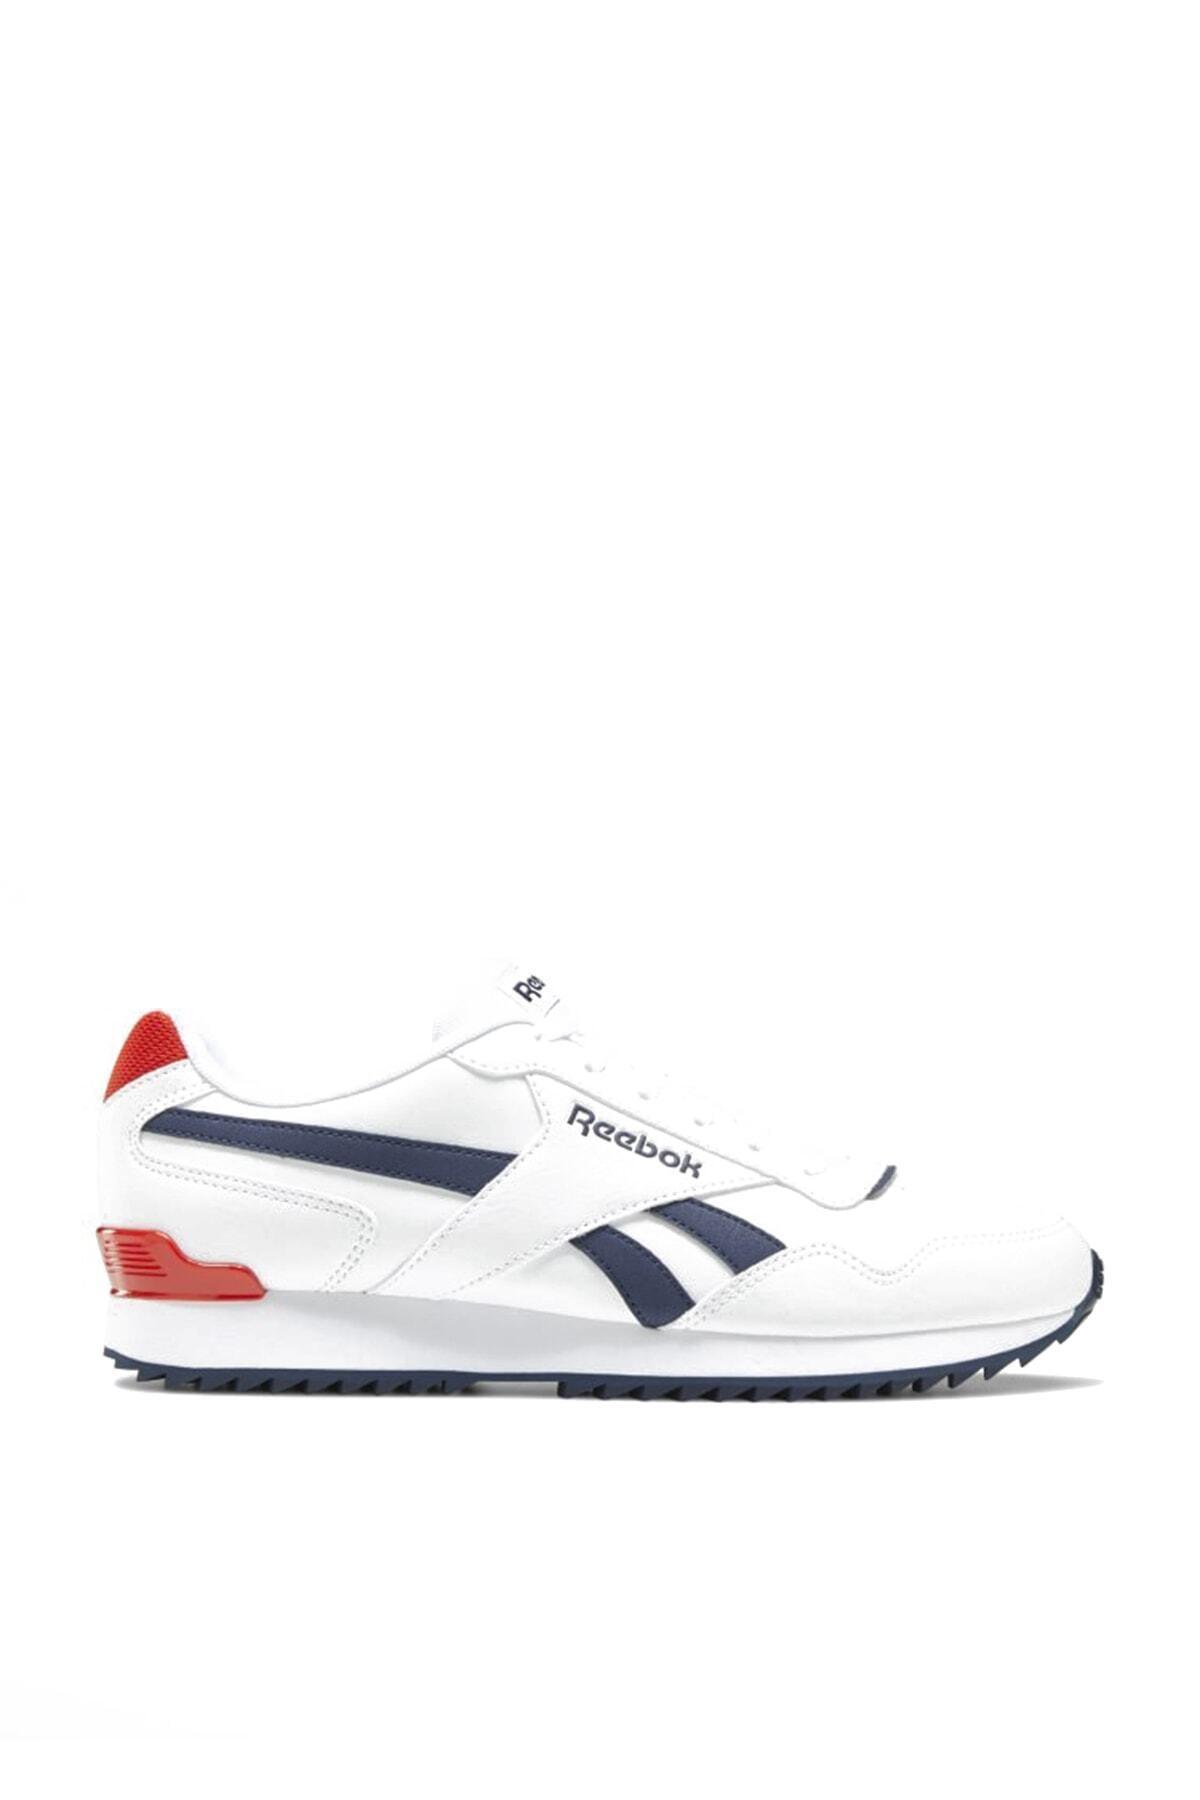 ROYAL GLIDE RPLCLP Beyaz Erkek Koşu Ayakkabısı 100668410